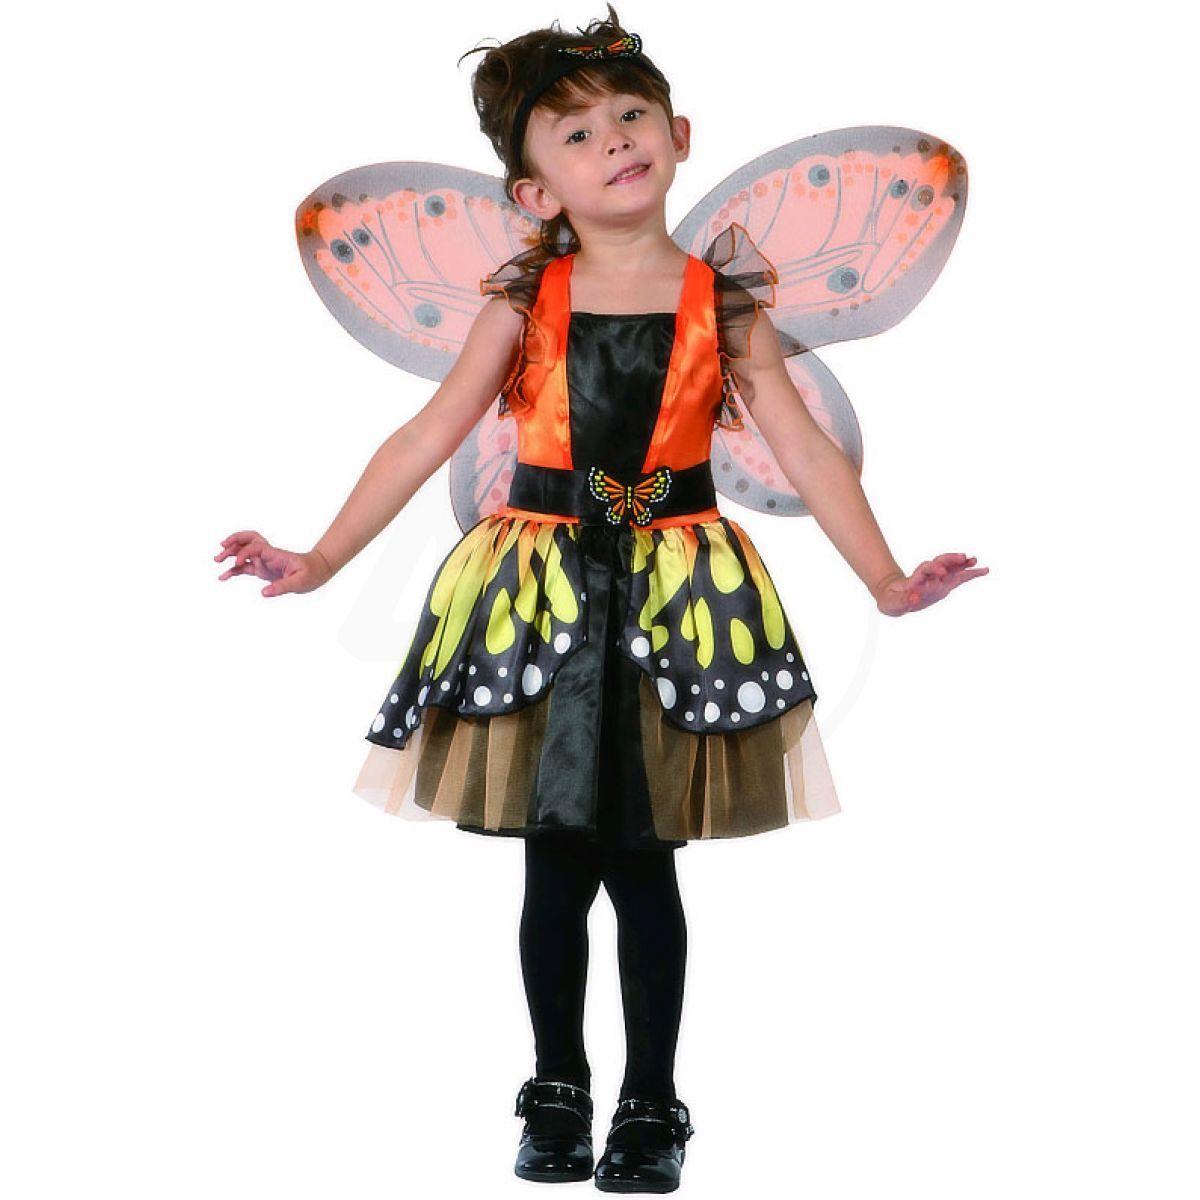 Made Dětský kostým Motýlek 92-104cm  a1b0957612b